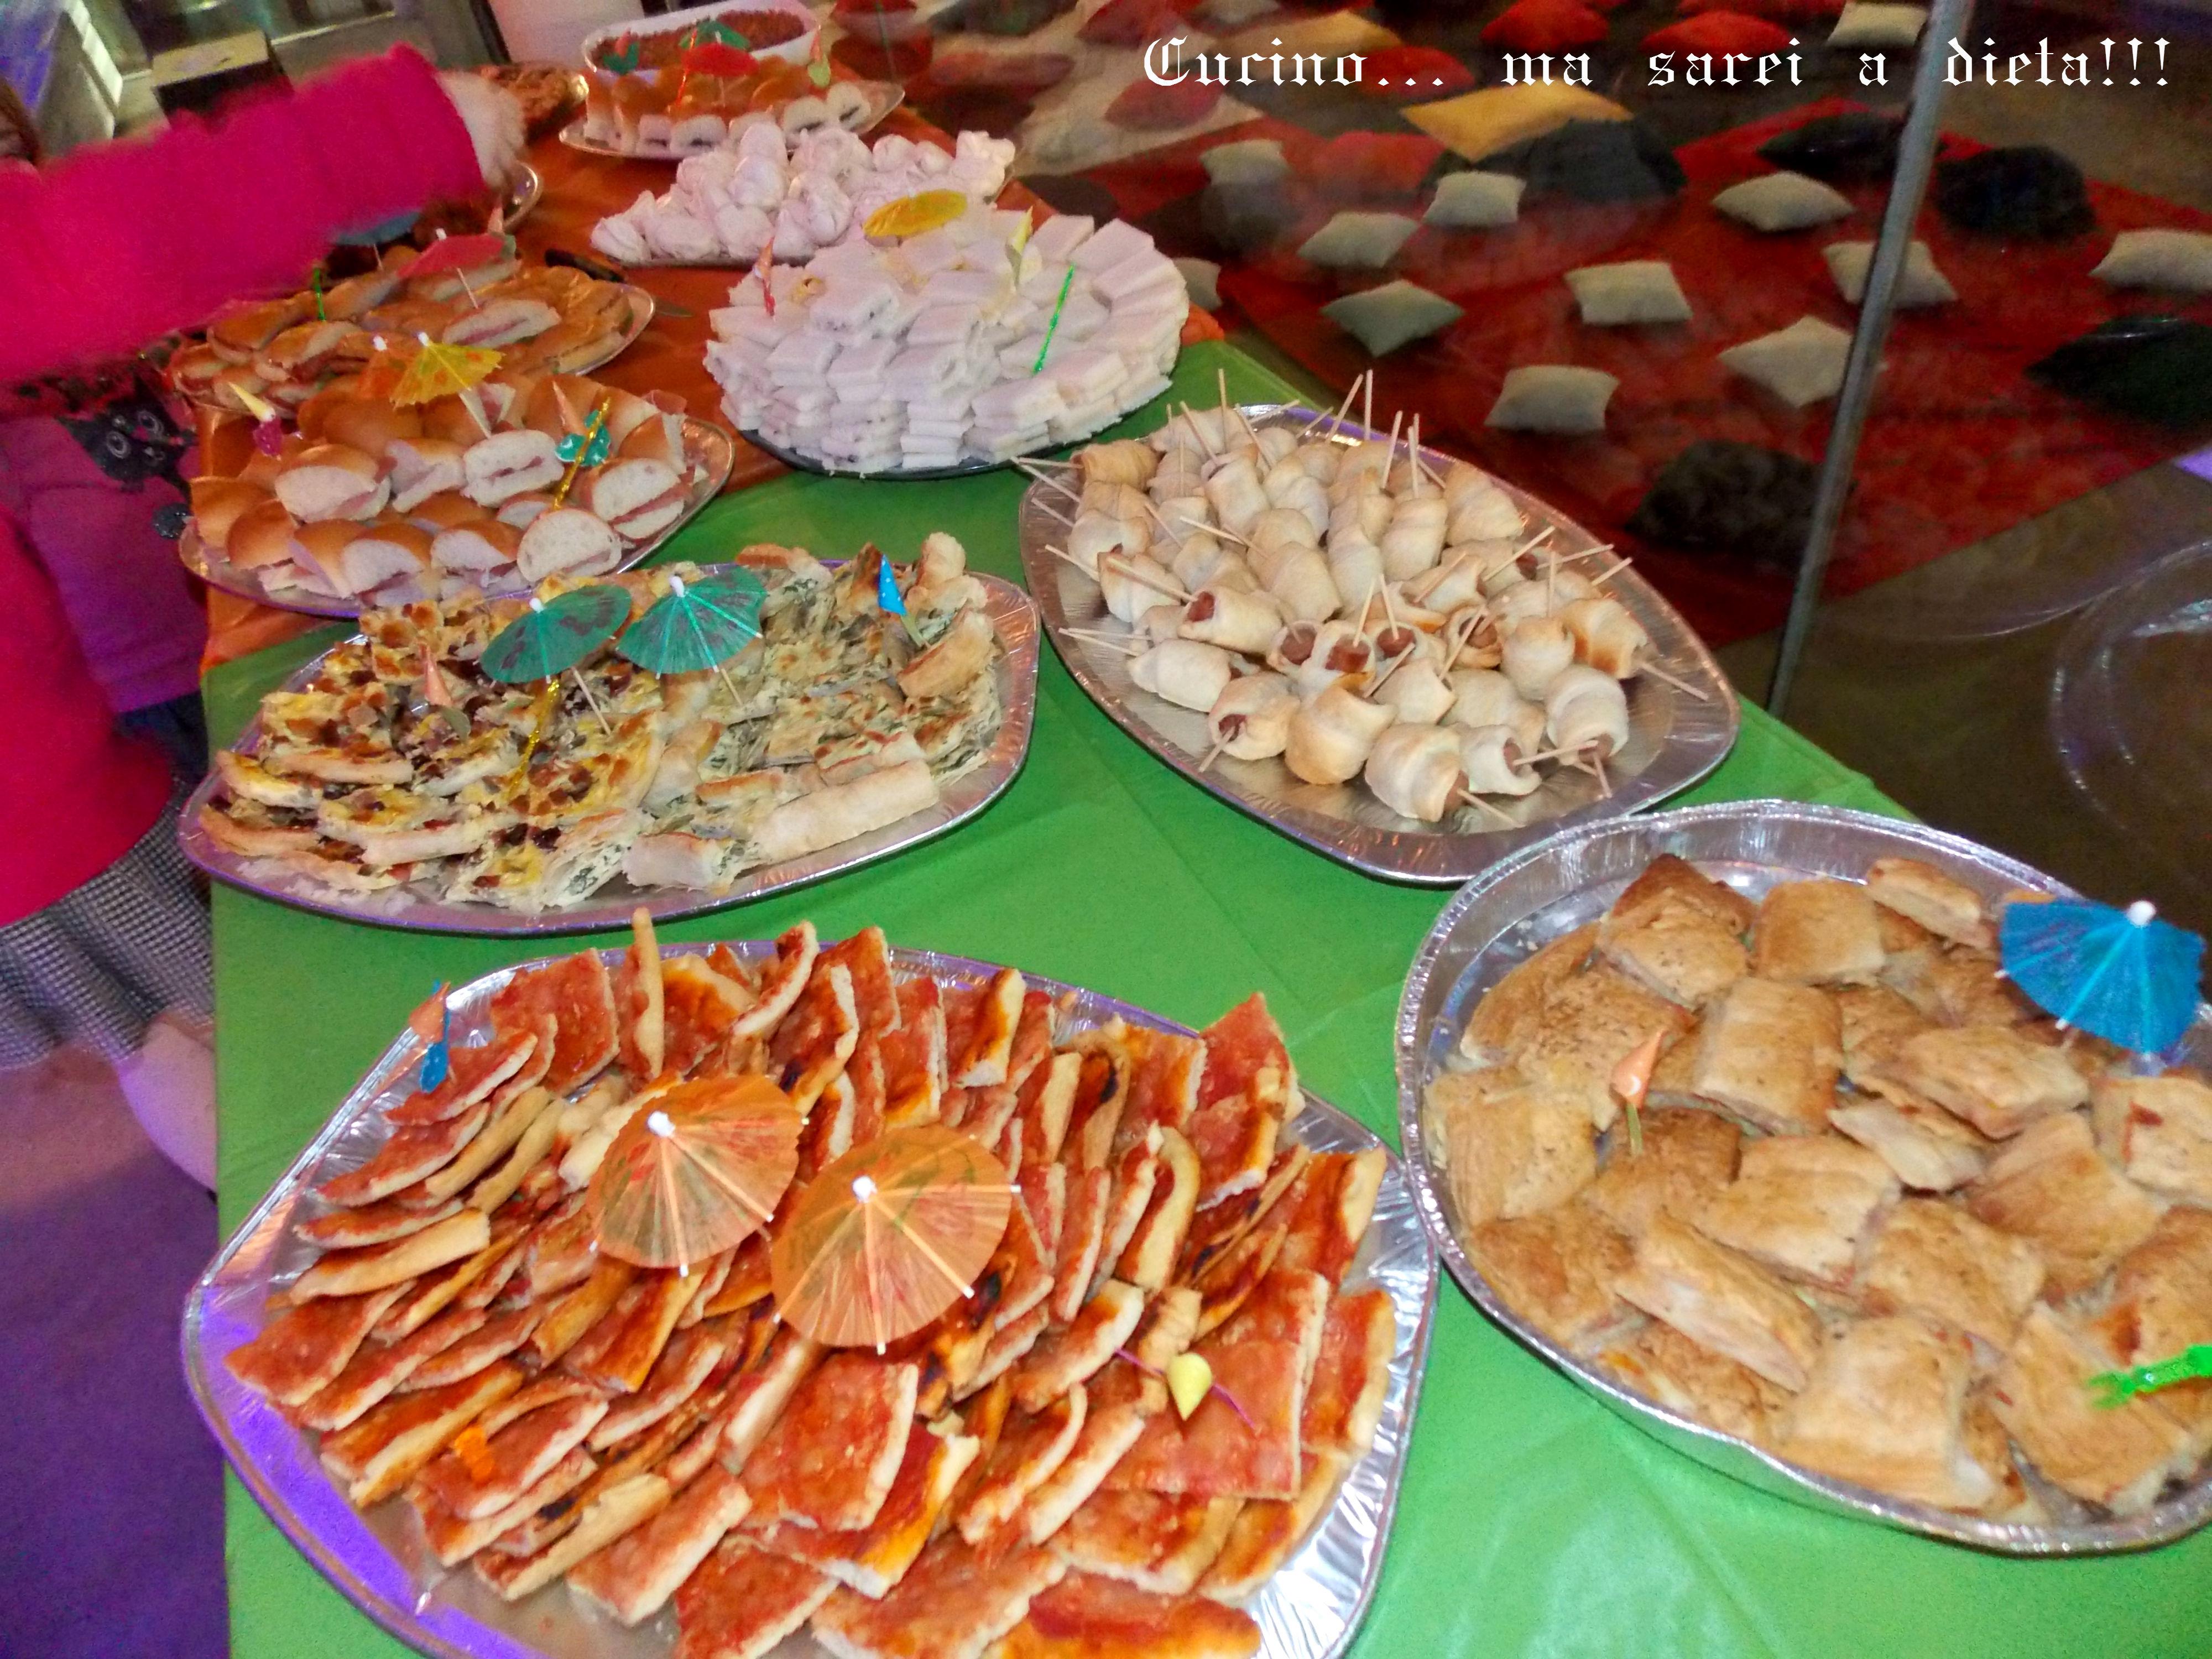 Ricerca Ricette Con Buffet Compleanno Giallozafferano It